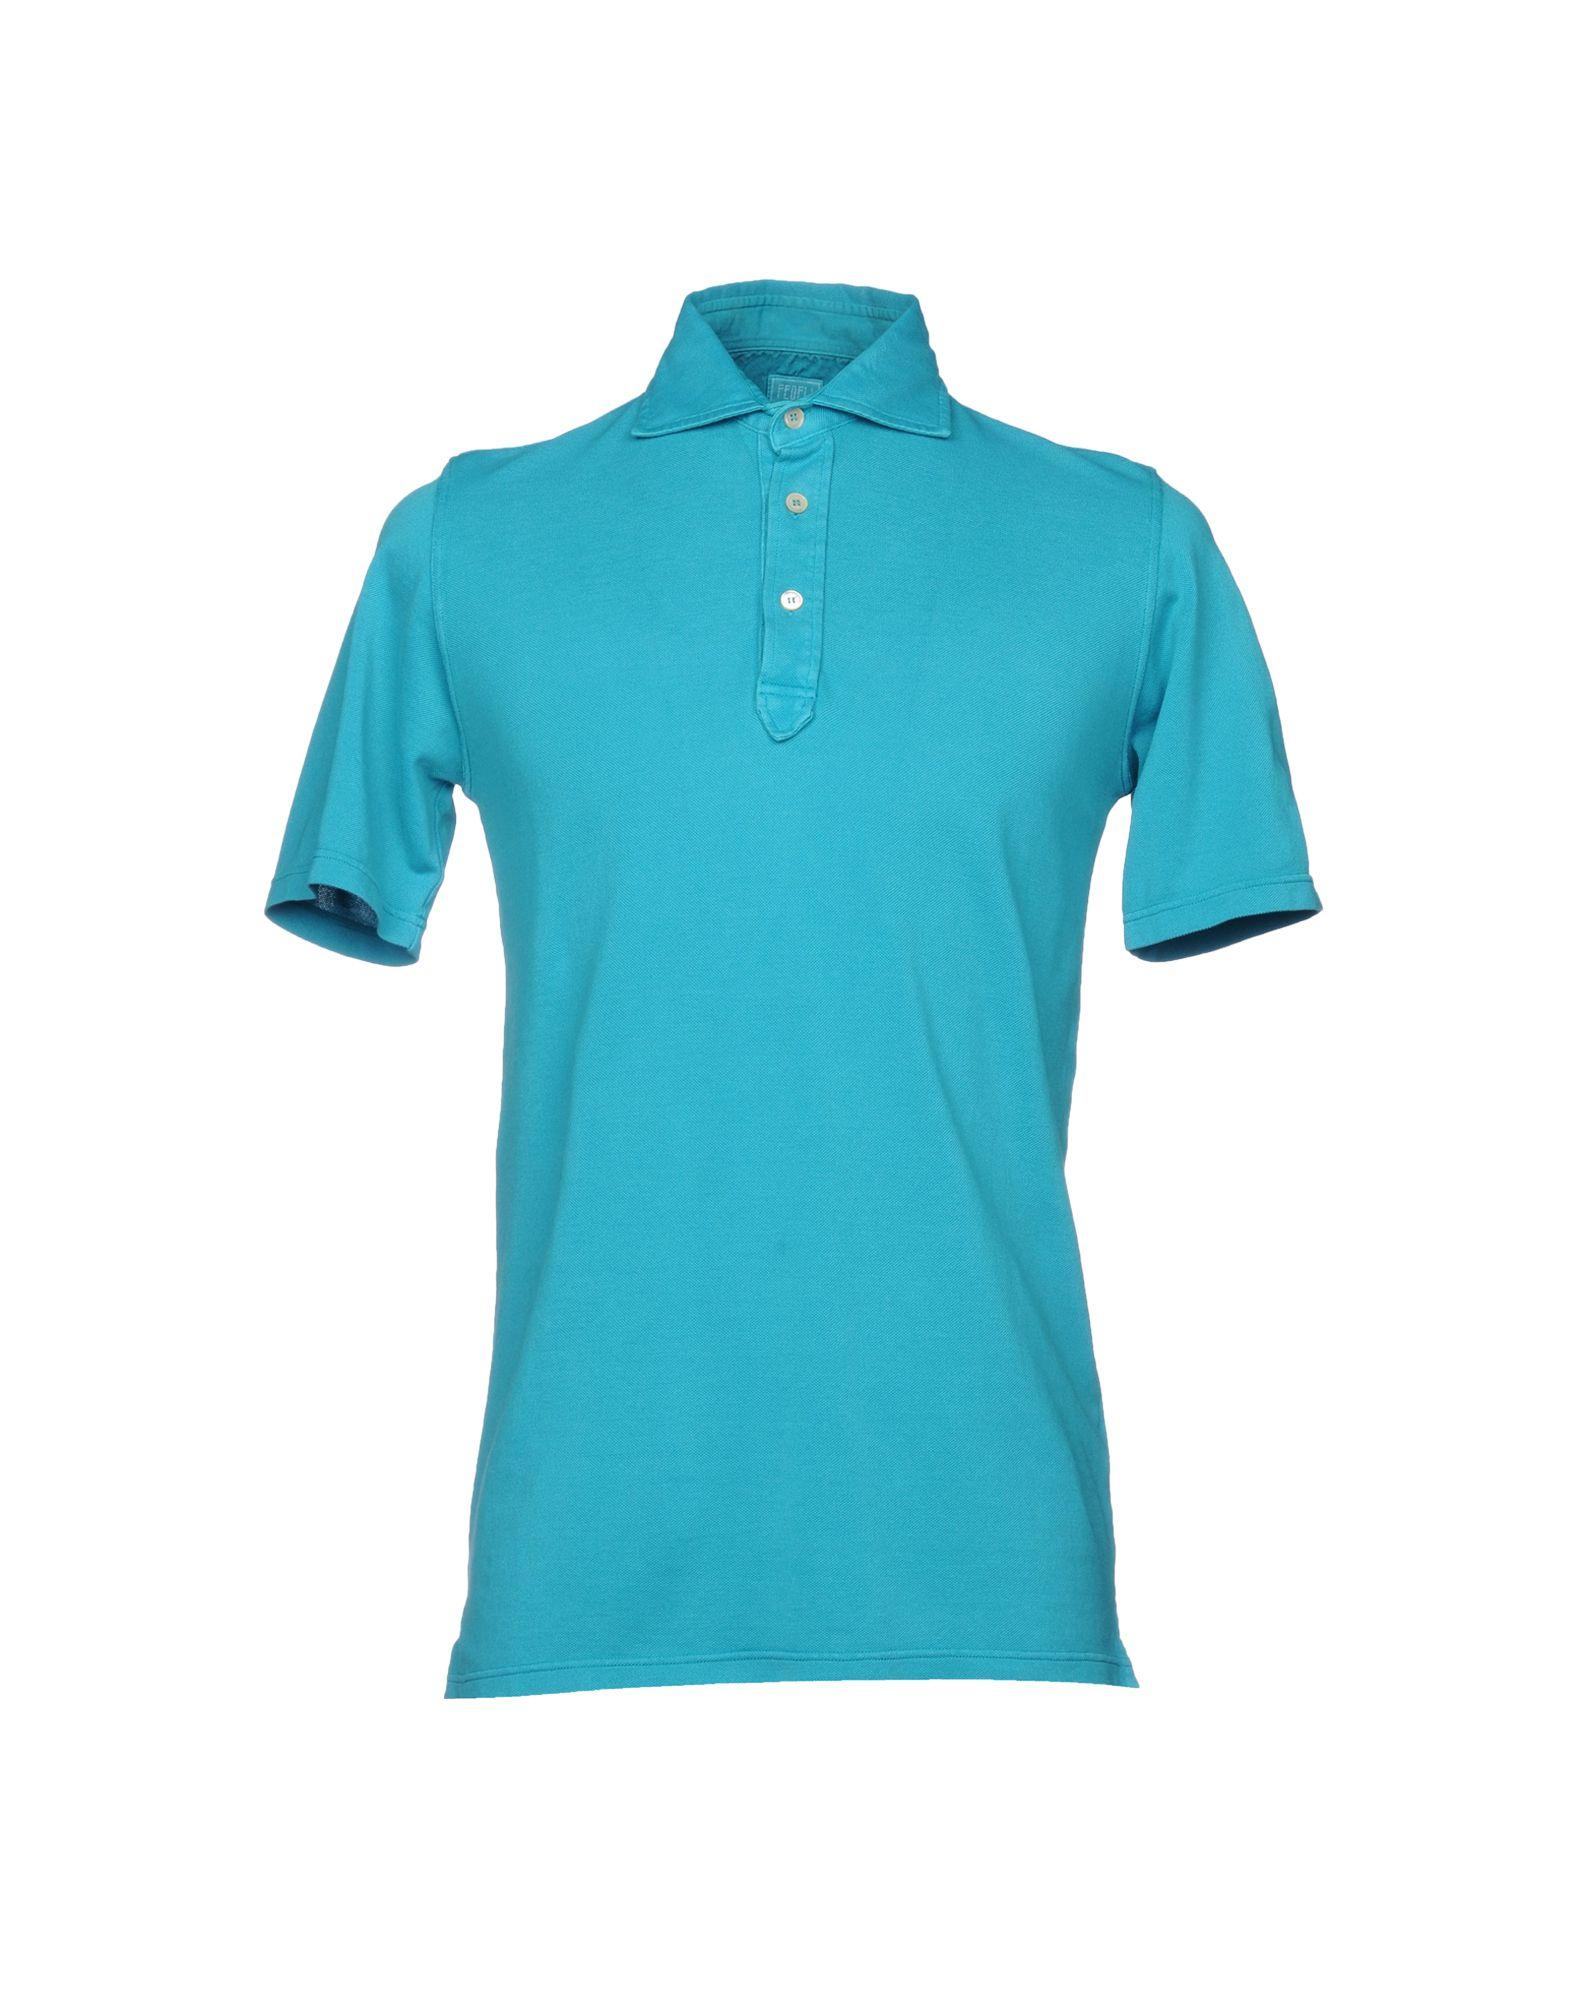 FEDELI メンズ ポロシャツ ターコイズブルー 46 コットン 100%